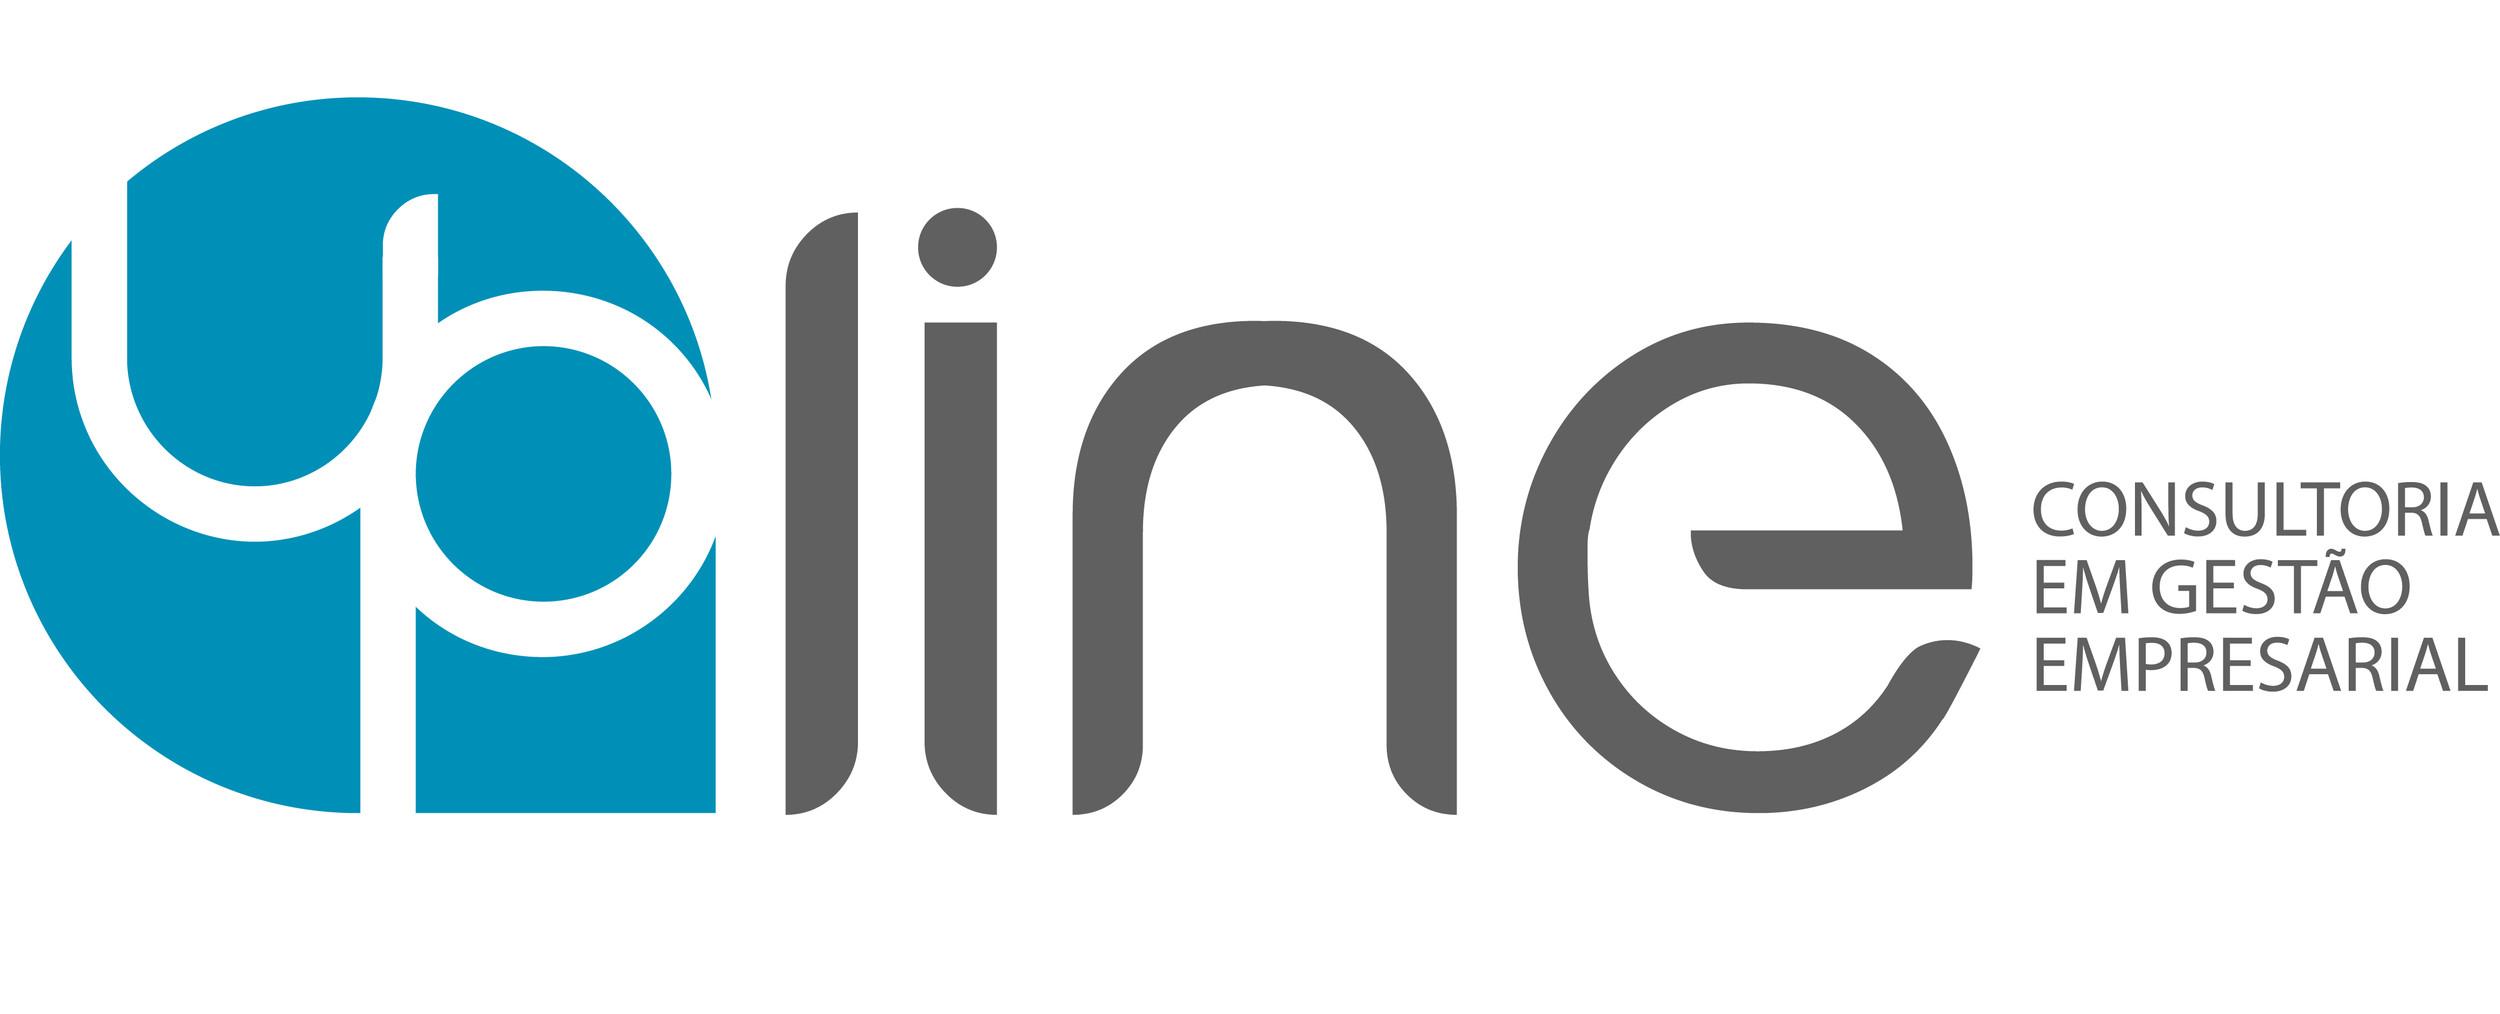 (c) Uplineconsultoria.com.br